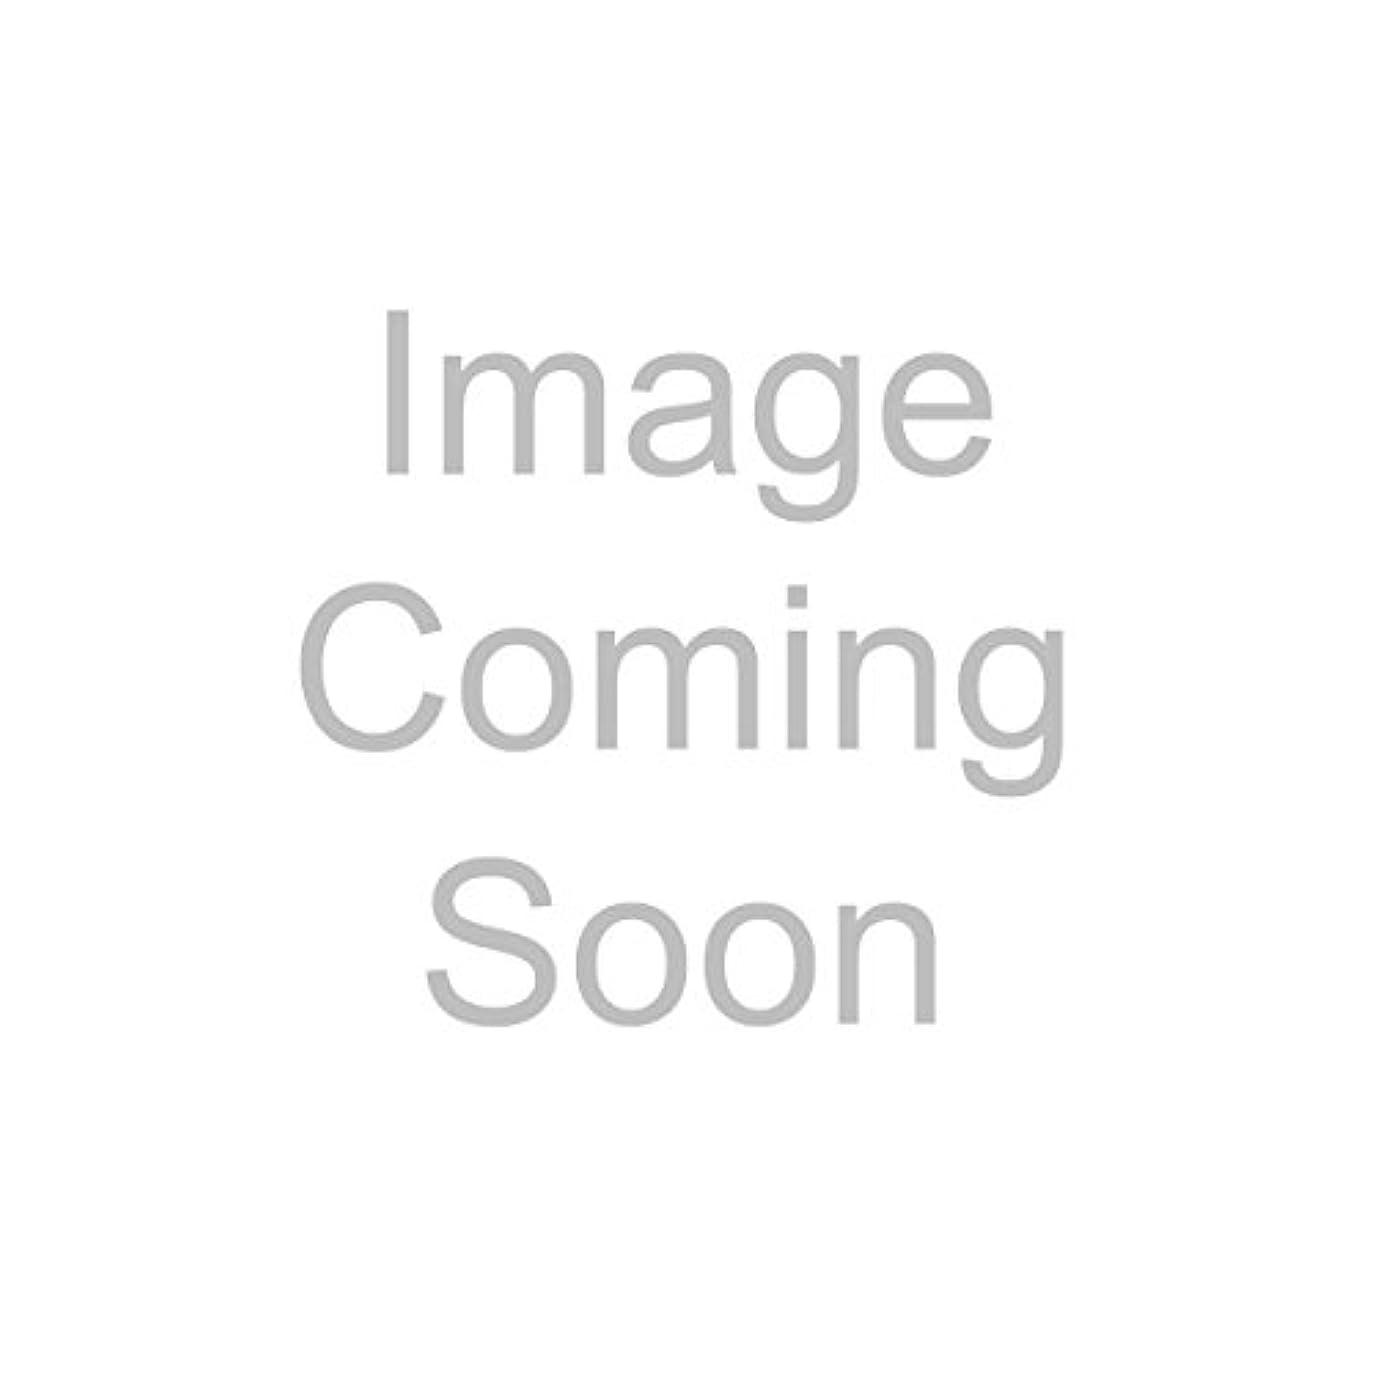 通信網アクセスできない衝突ナルシソ ロドリゲス フォーハー シャワージェル 200ml/6.7oz 200ml/6.7oz